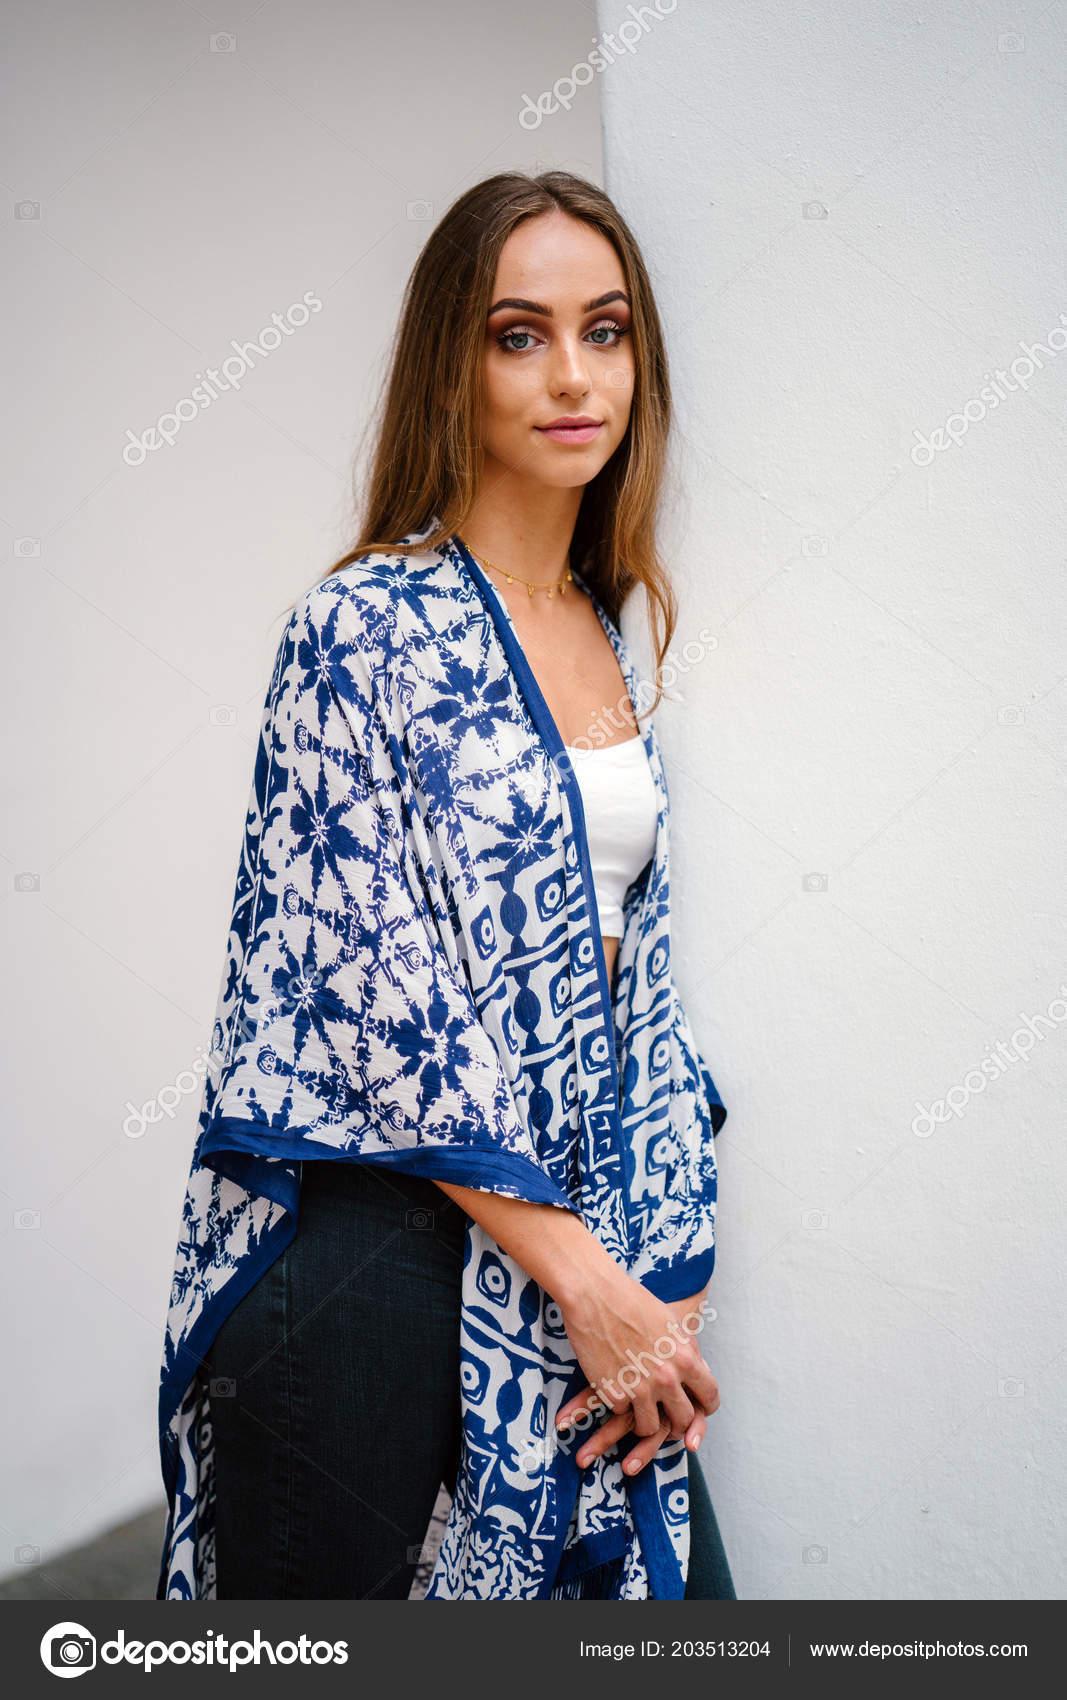 6c82202b29c5 Mladá Žena Modelka Top Bez Ramínek Džínách Modrý Šátek Pózuje– stock obrázky